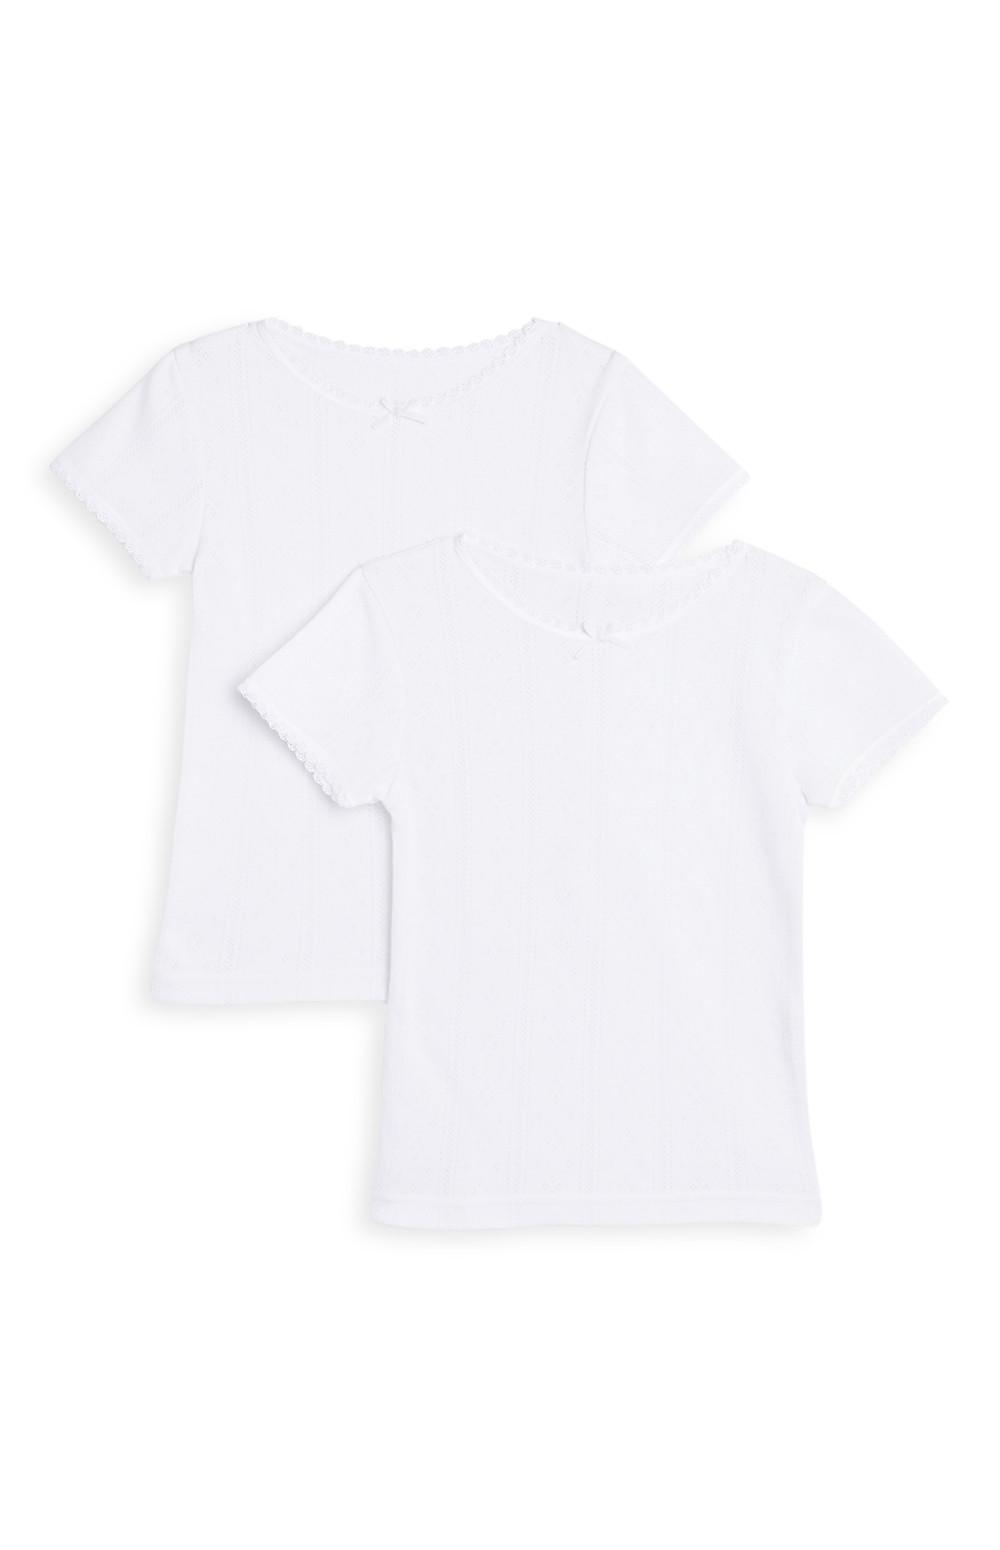 BNWT Primark Atmosphere bebé Chicos Camiseta de manga larga